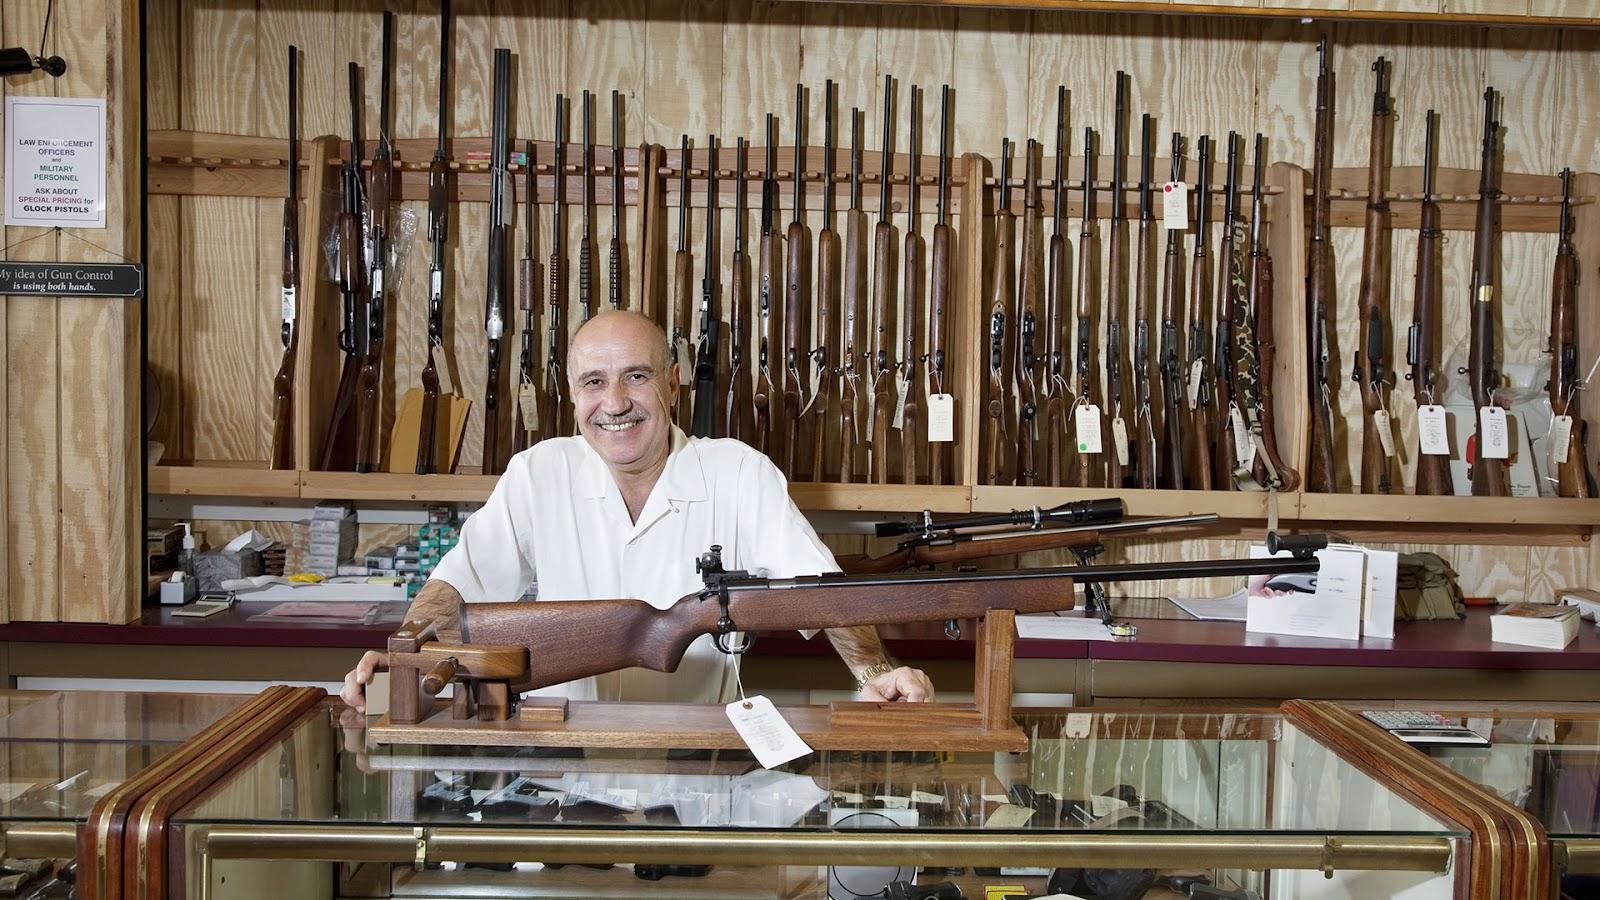 gun store owner showcasing a rifle